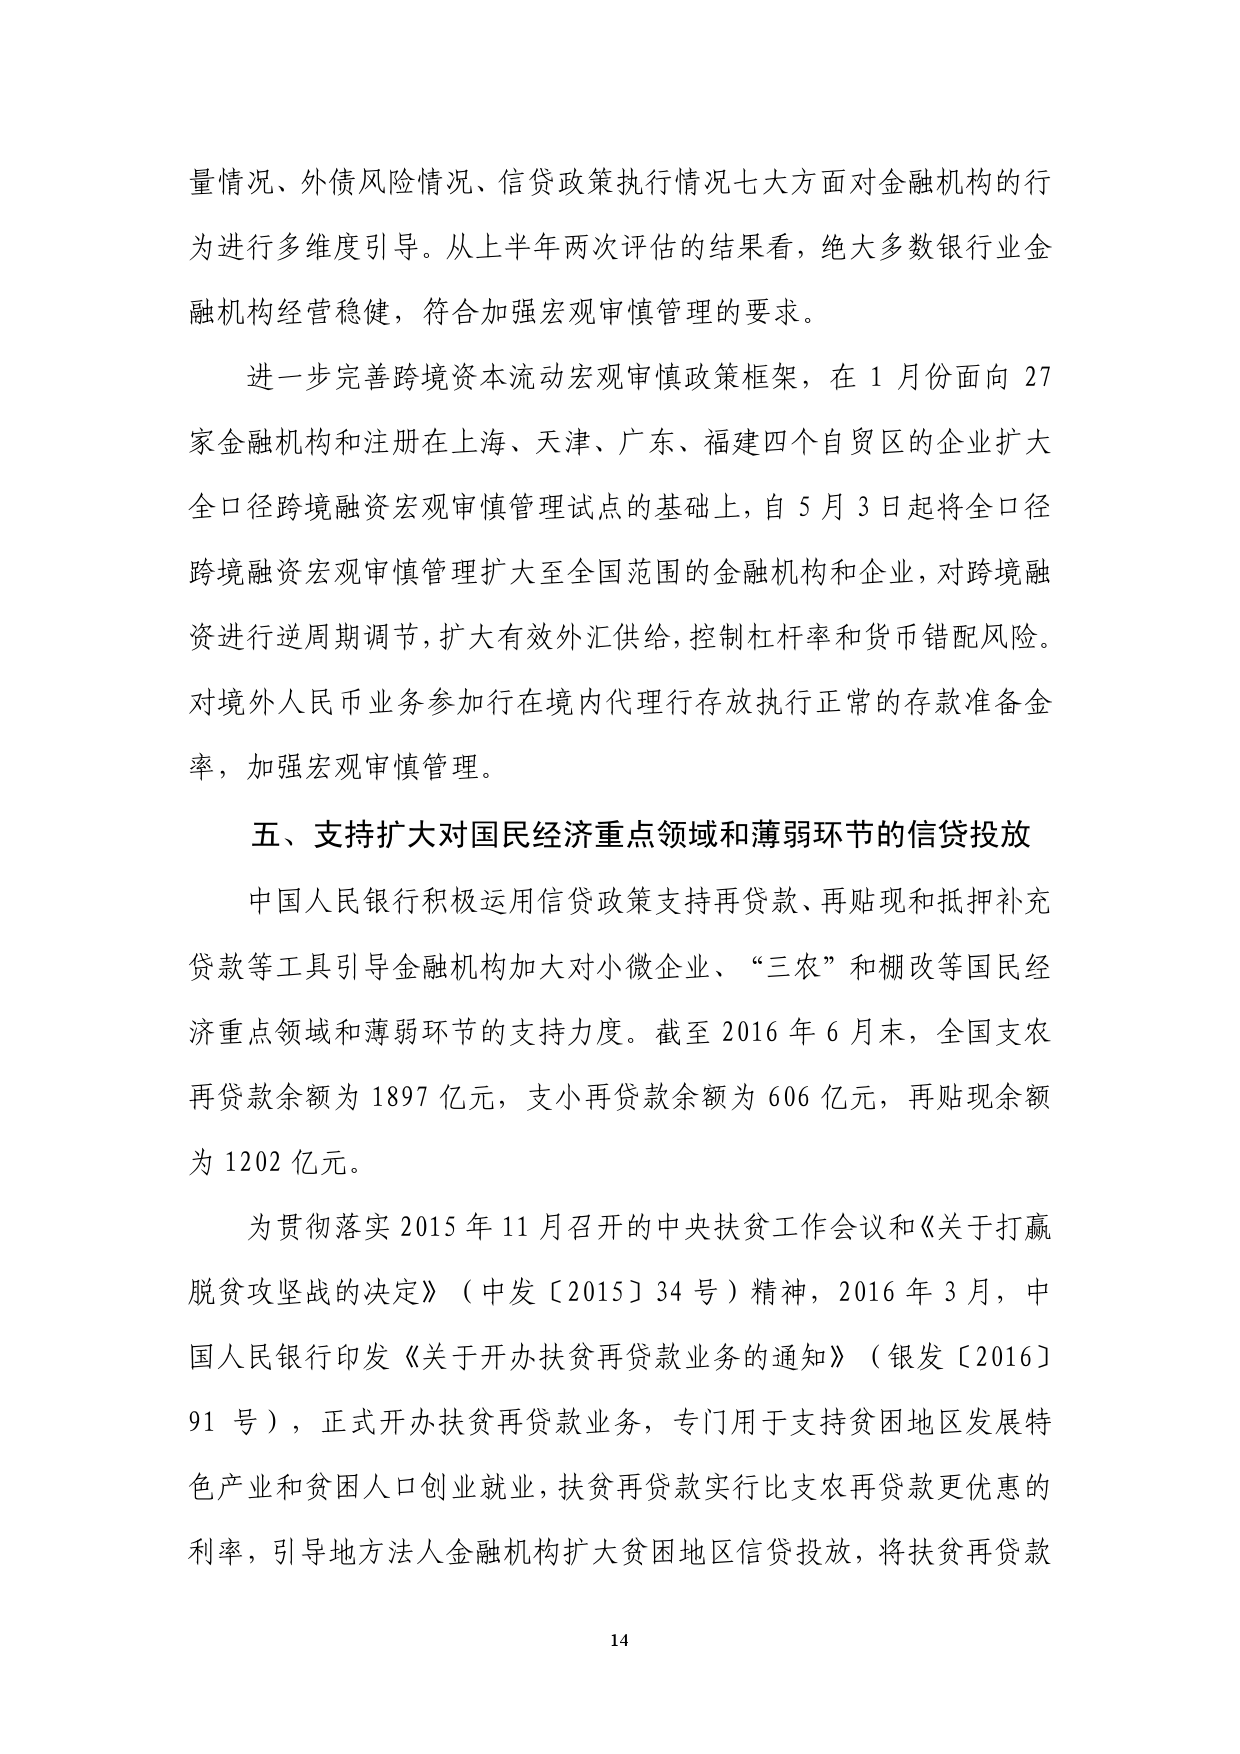 2016年Q2中国货币政策执行报告_000020